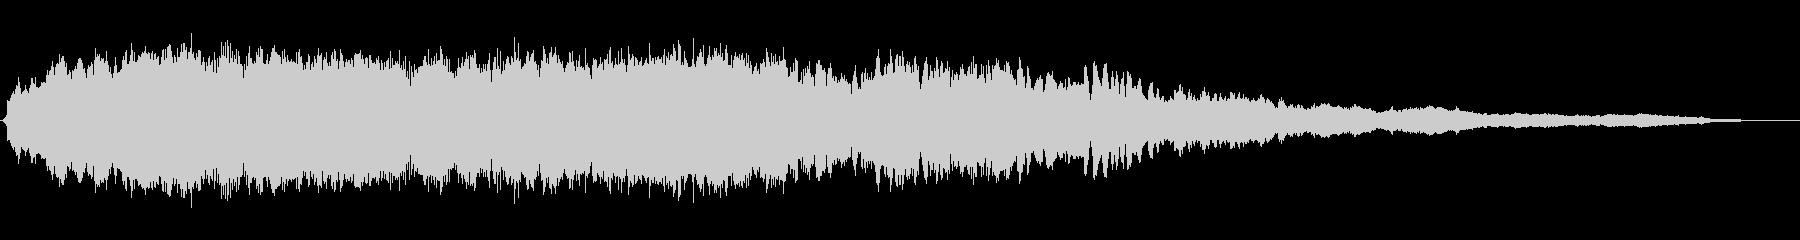 「ピアノの旋律が幻想的なBGM」の未再生の波形